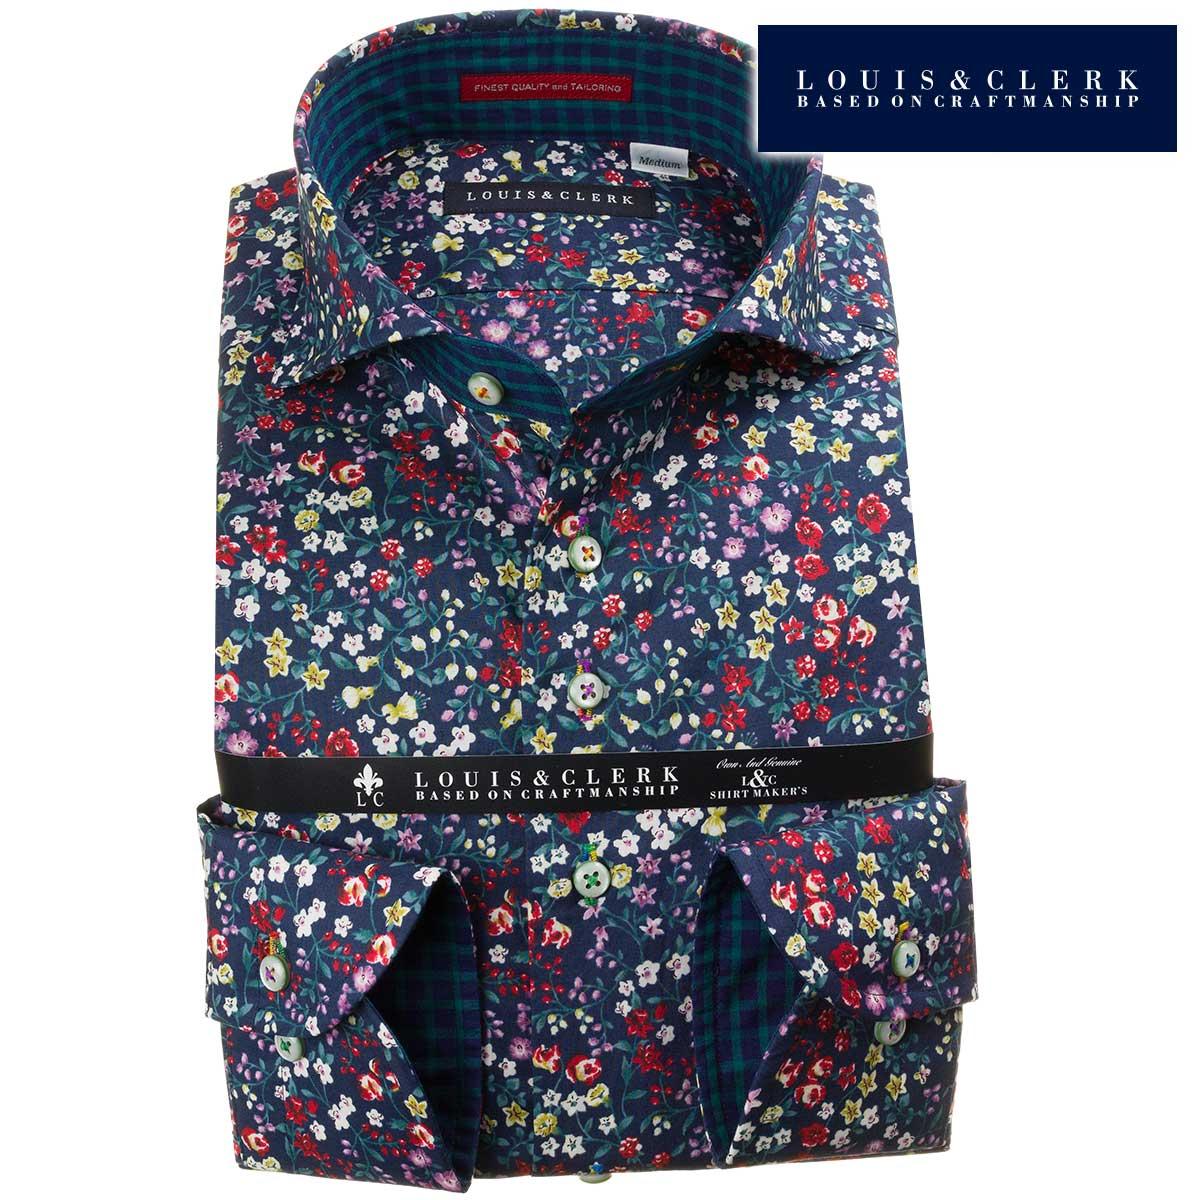 ドレスシャツ ワイシャツ シャツ メンズ 国産 長袖 純綿100% コンフォート カッタウェイワイドカラー ネイビー ボタニカルプリント 花柄 1909 fs3gm